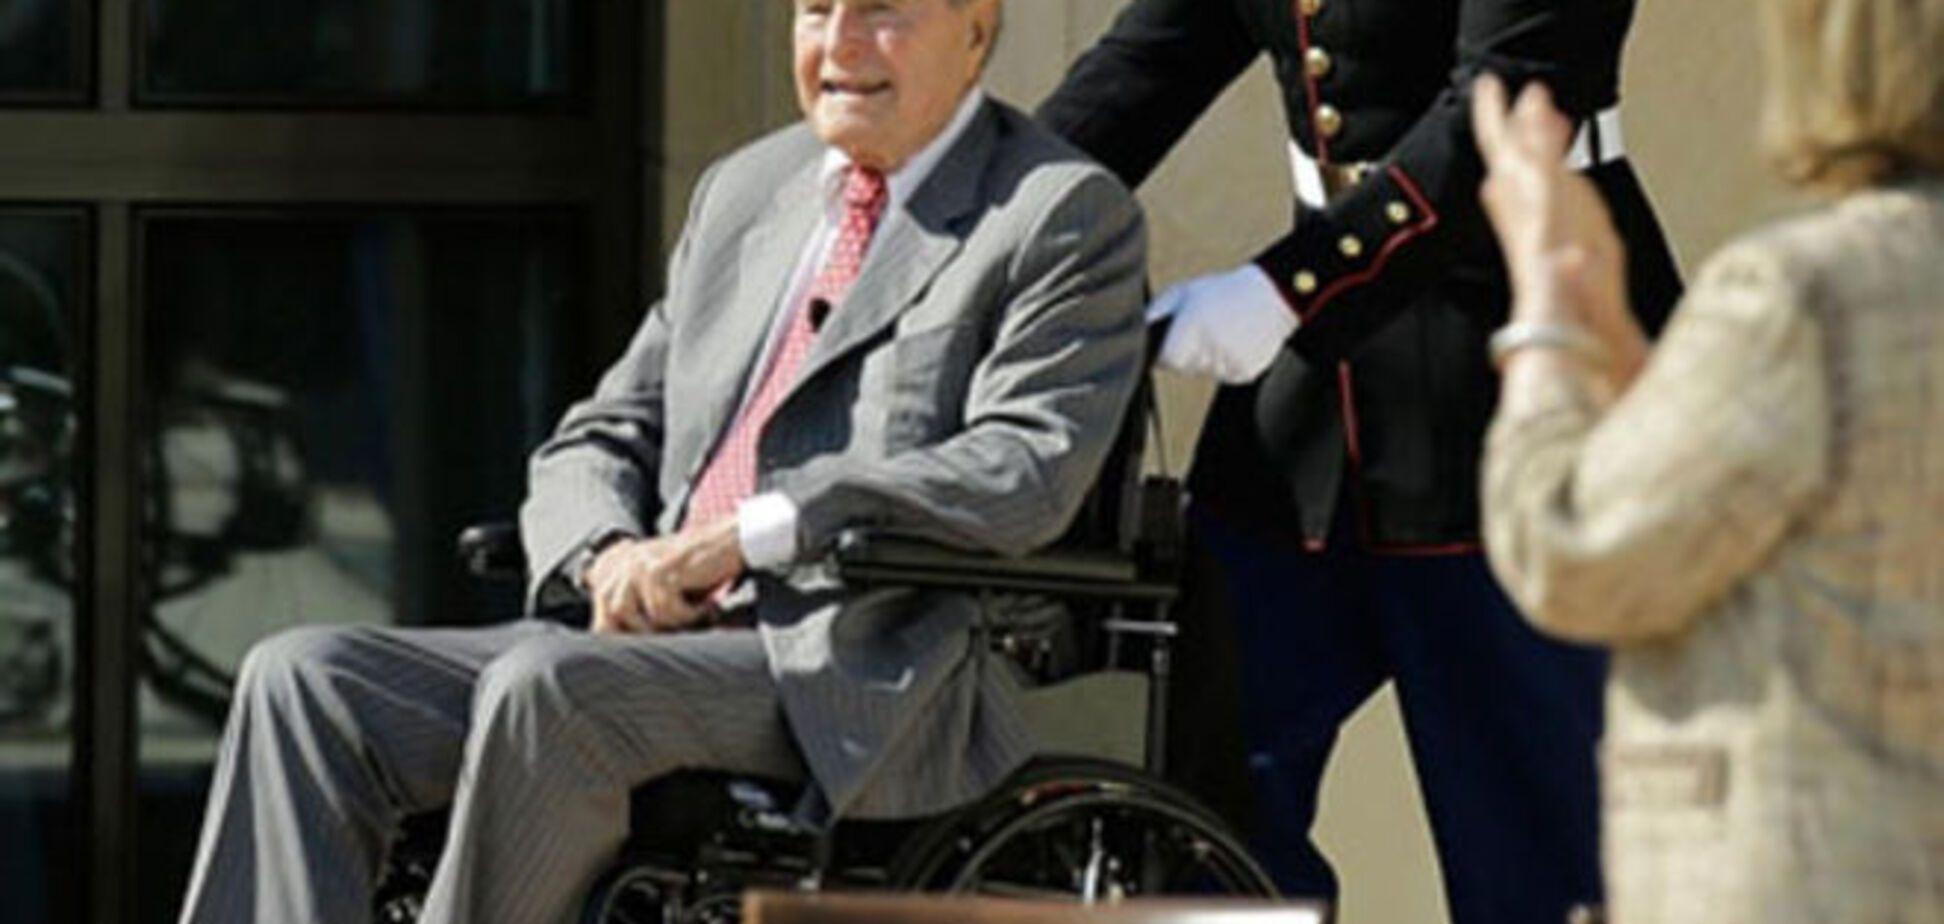 Джордж Буш упав і зламав шию